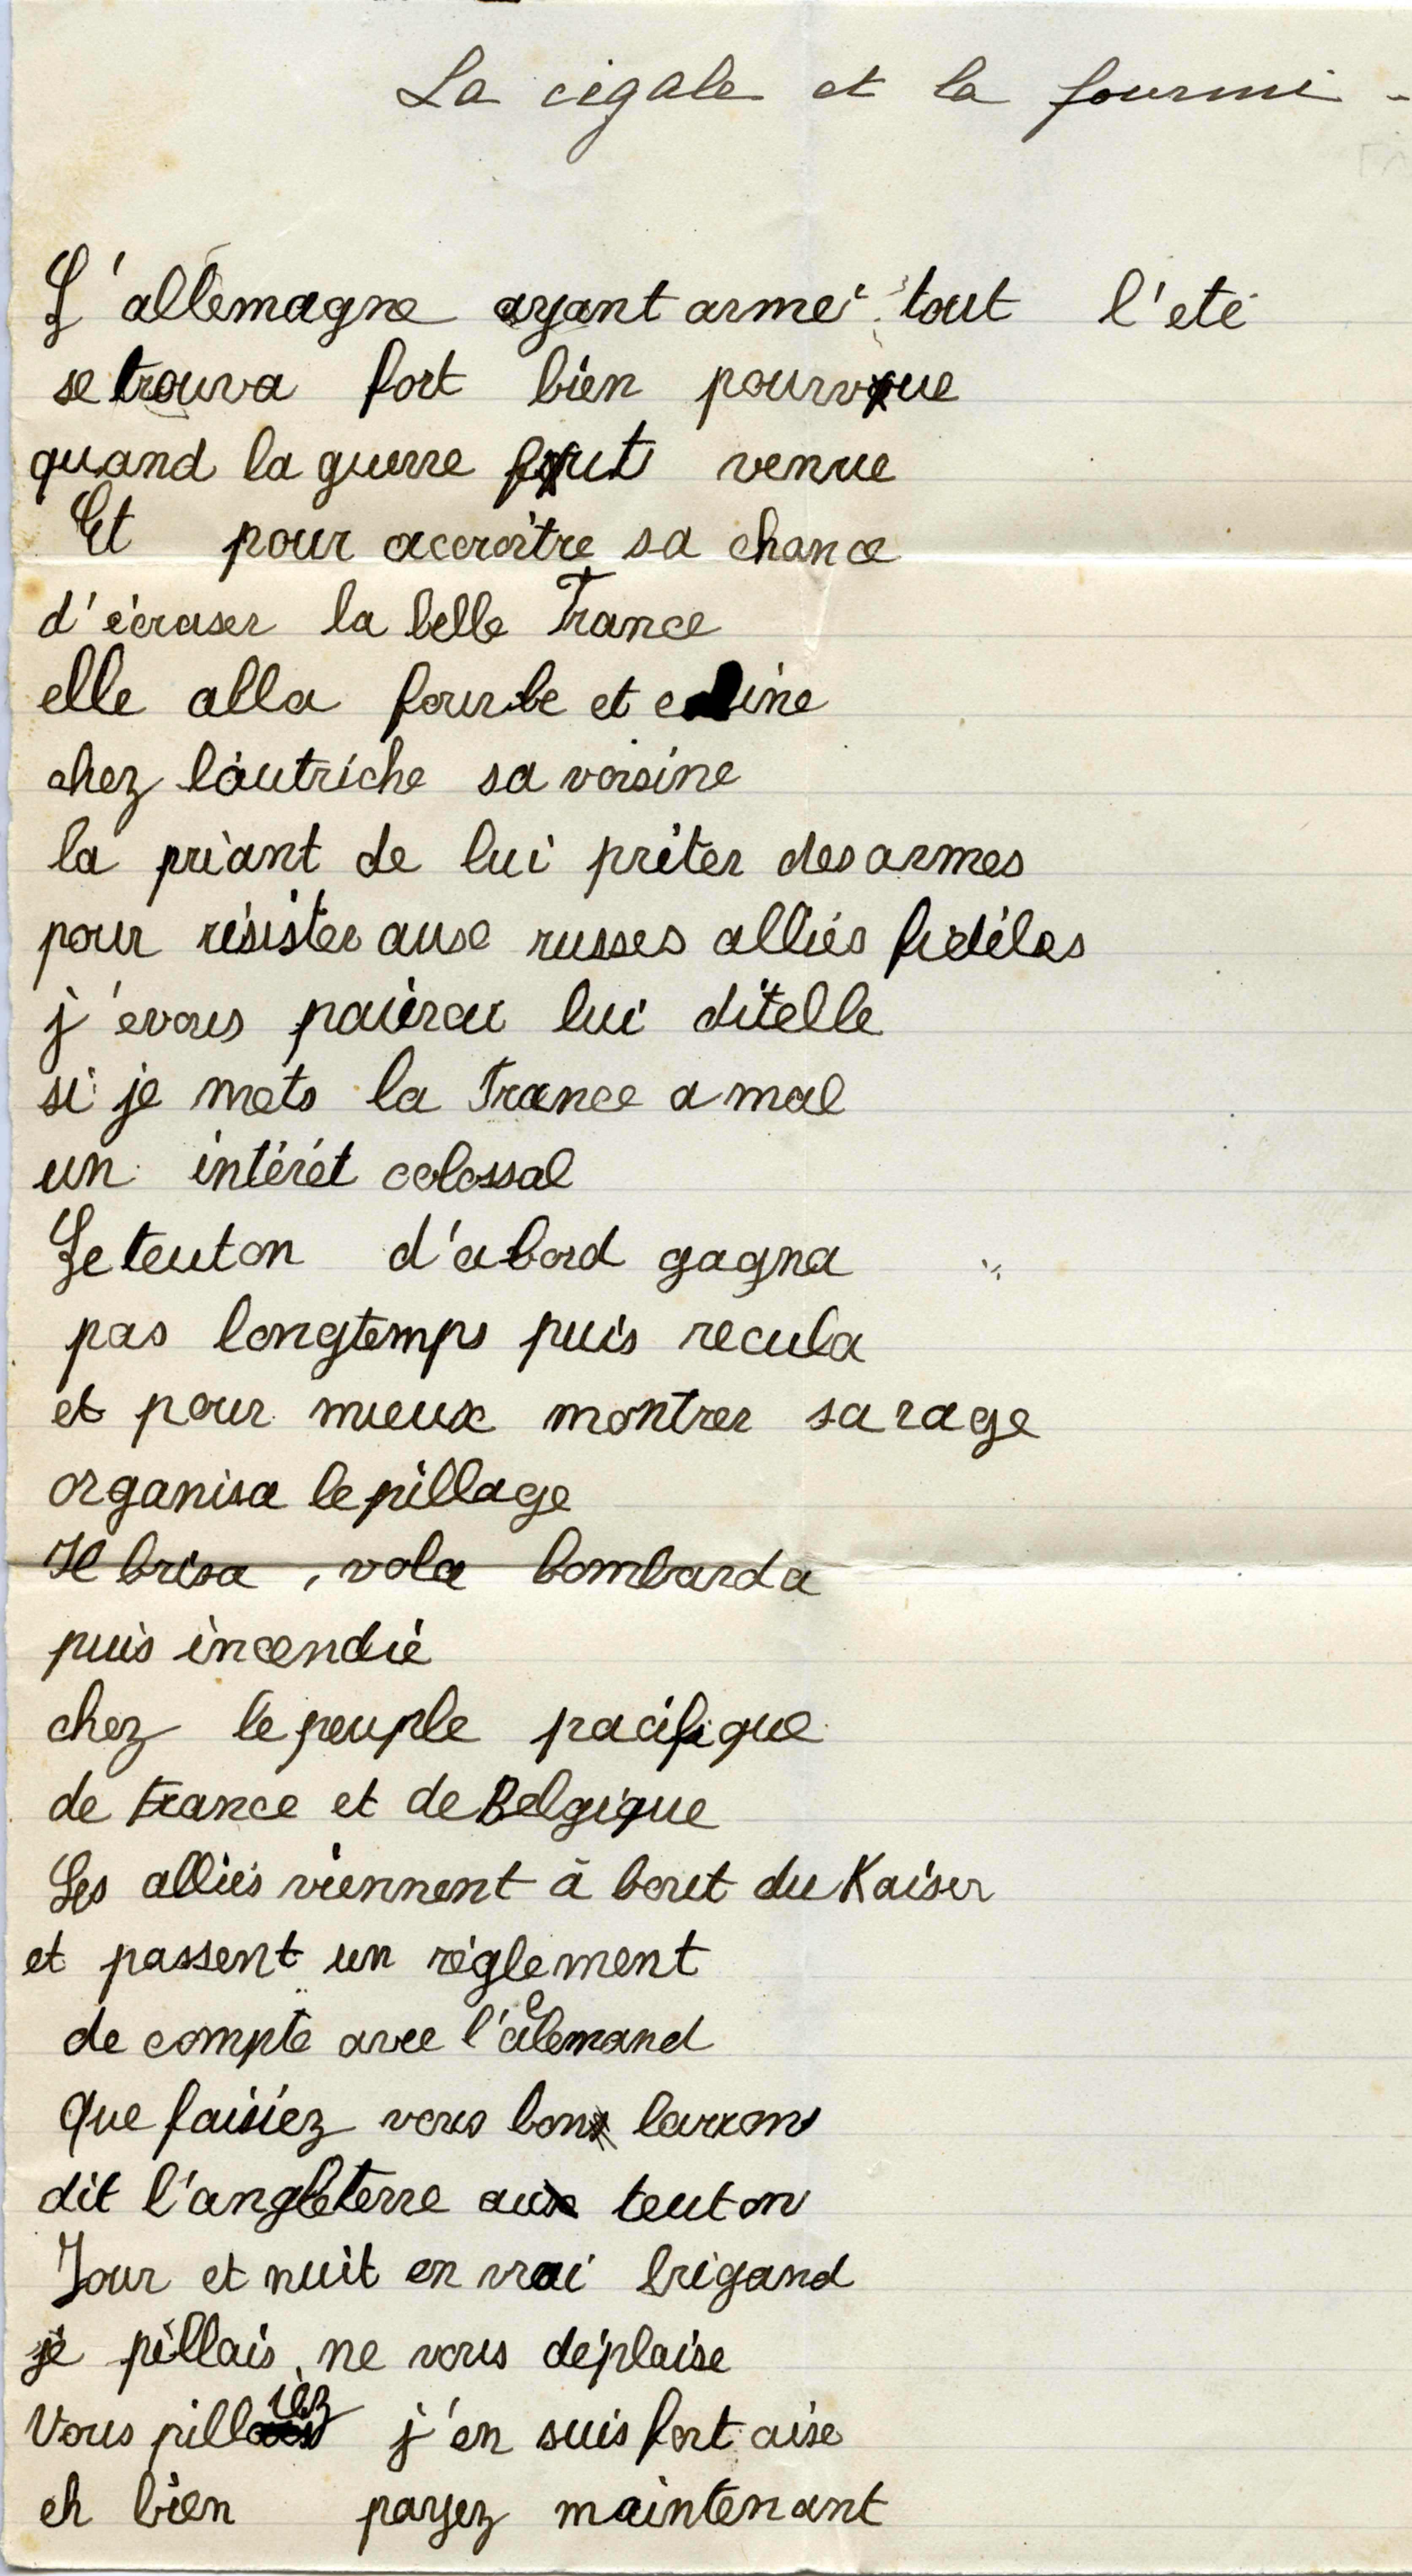 1915-5-La Cigale et la Fourmi-016 Corrigee.jpg